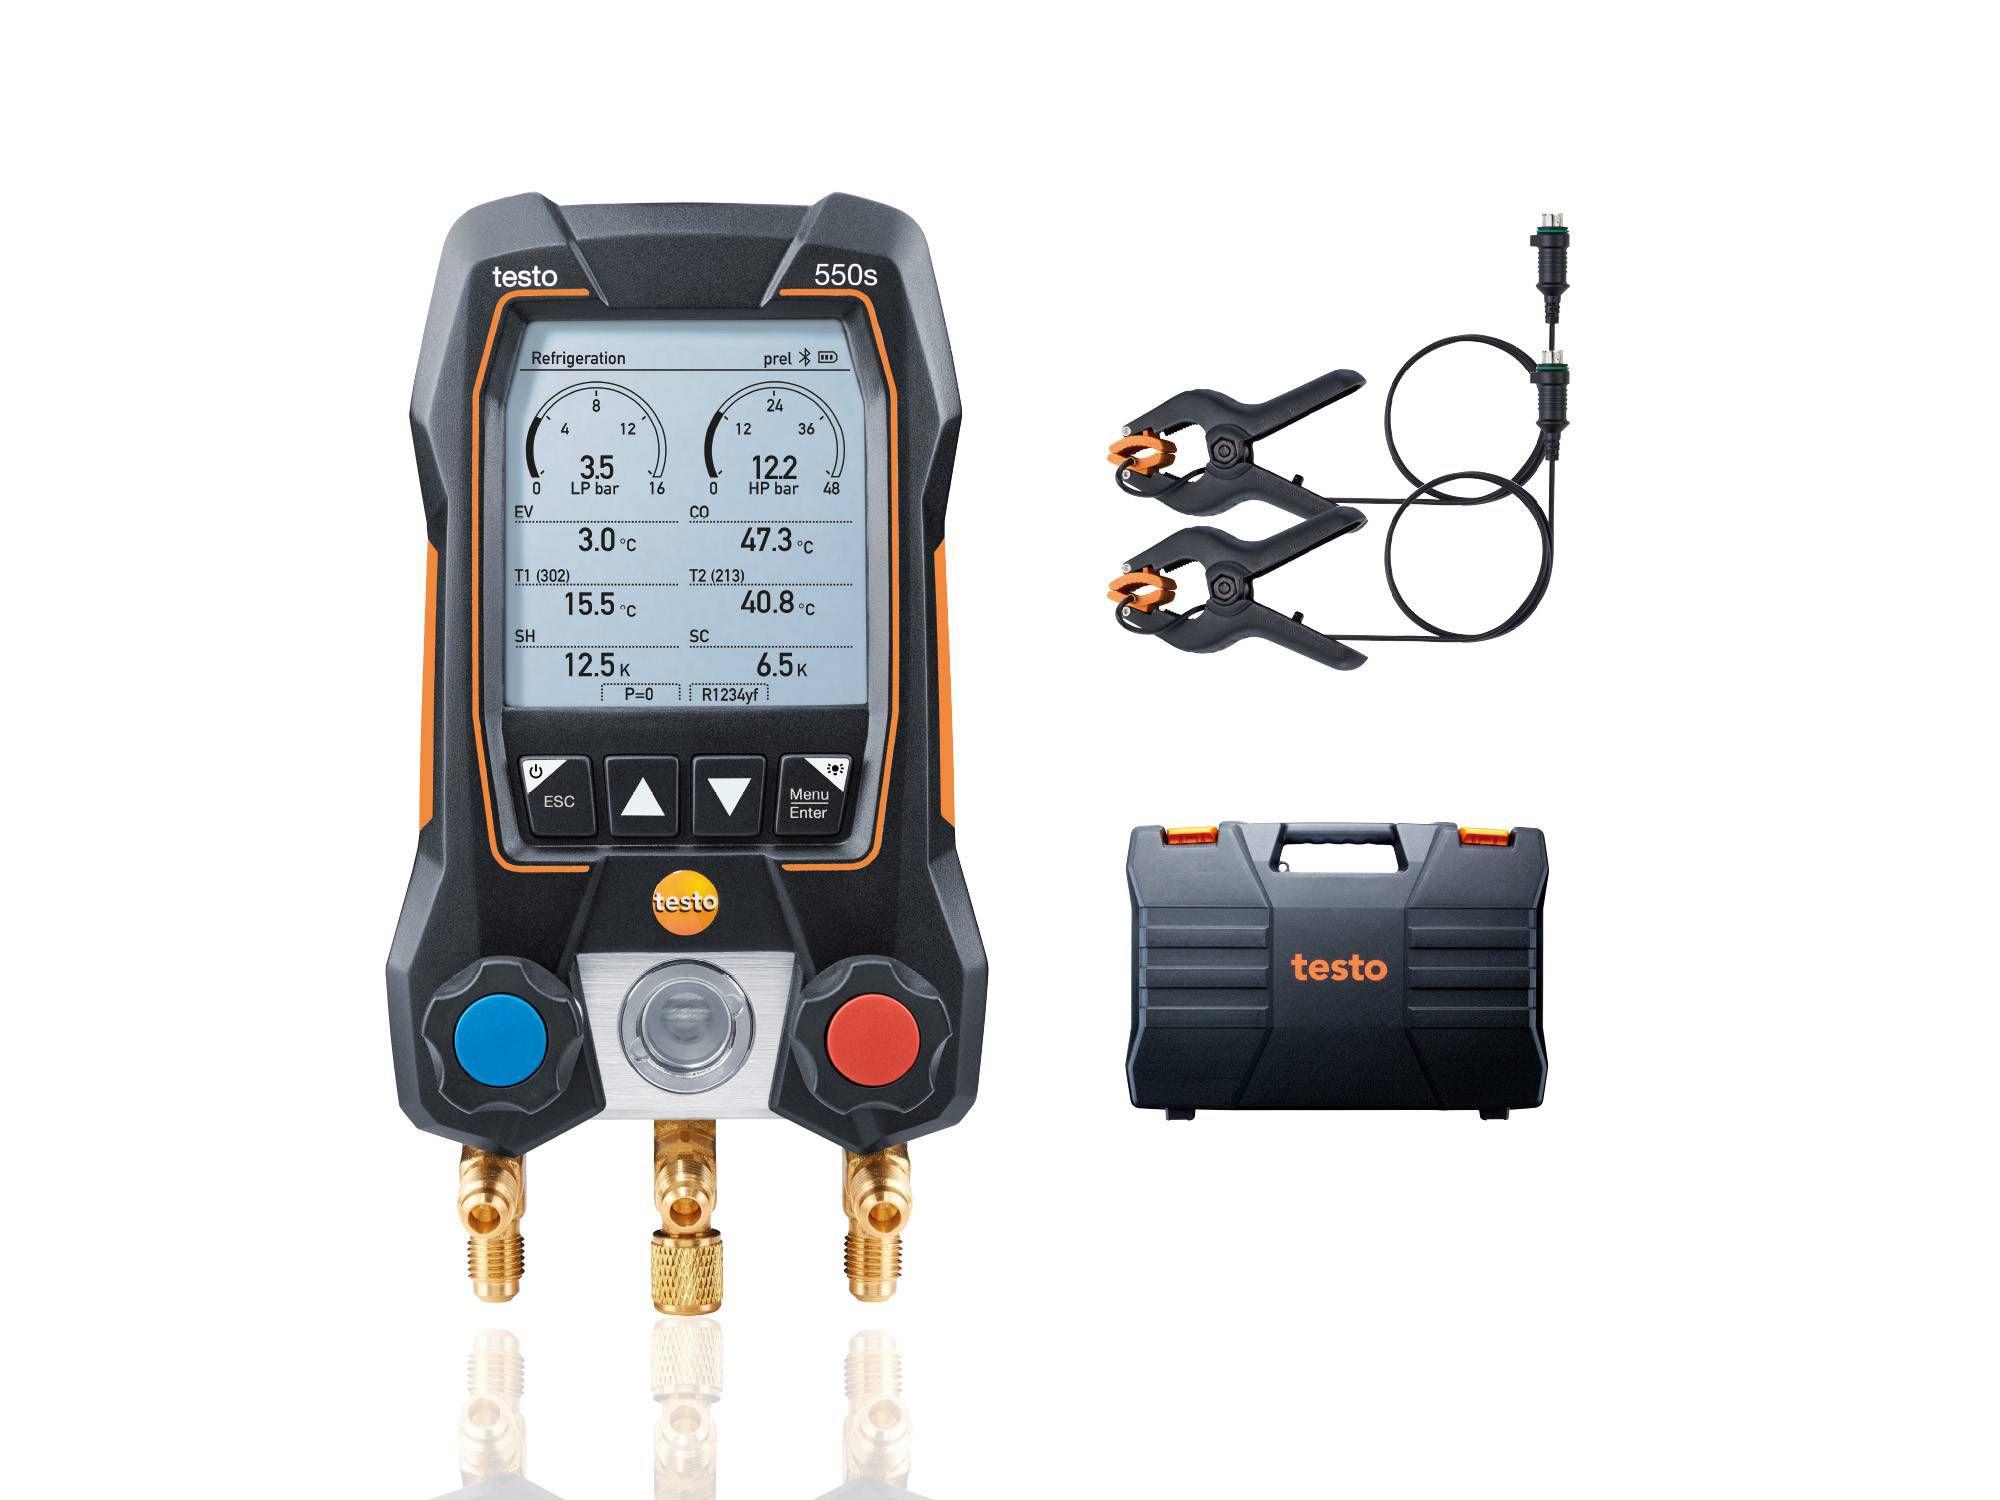 testo 550s basic kit